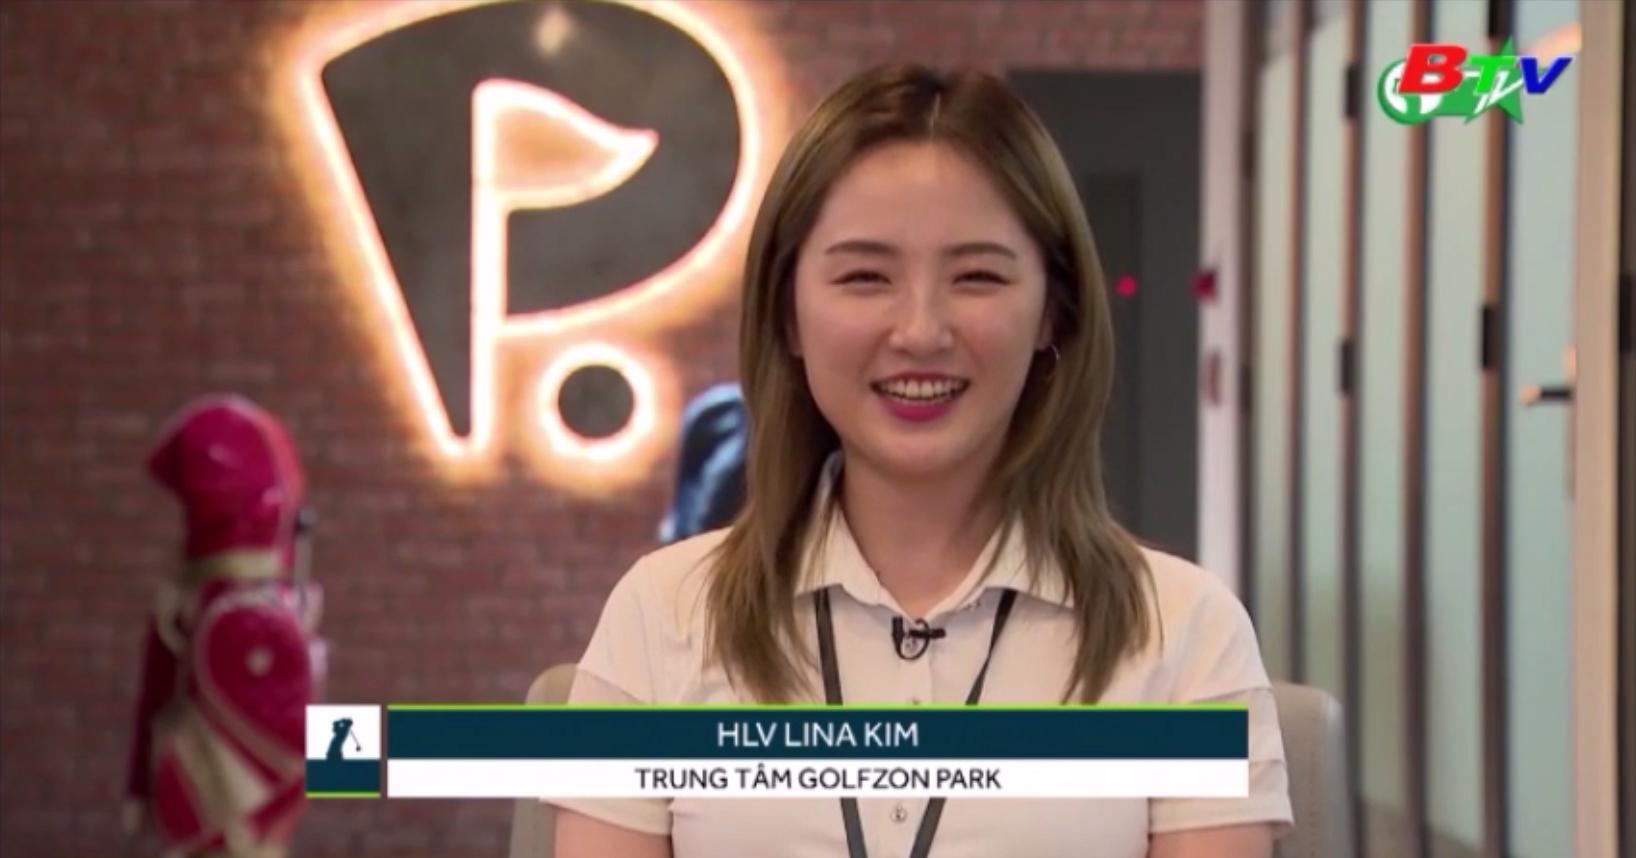 Nữ golfer Lina Kim chia sẻ về cuộc sống và nghề nghiệp ở Việt Nam